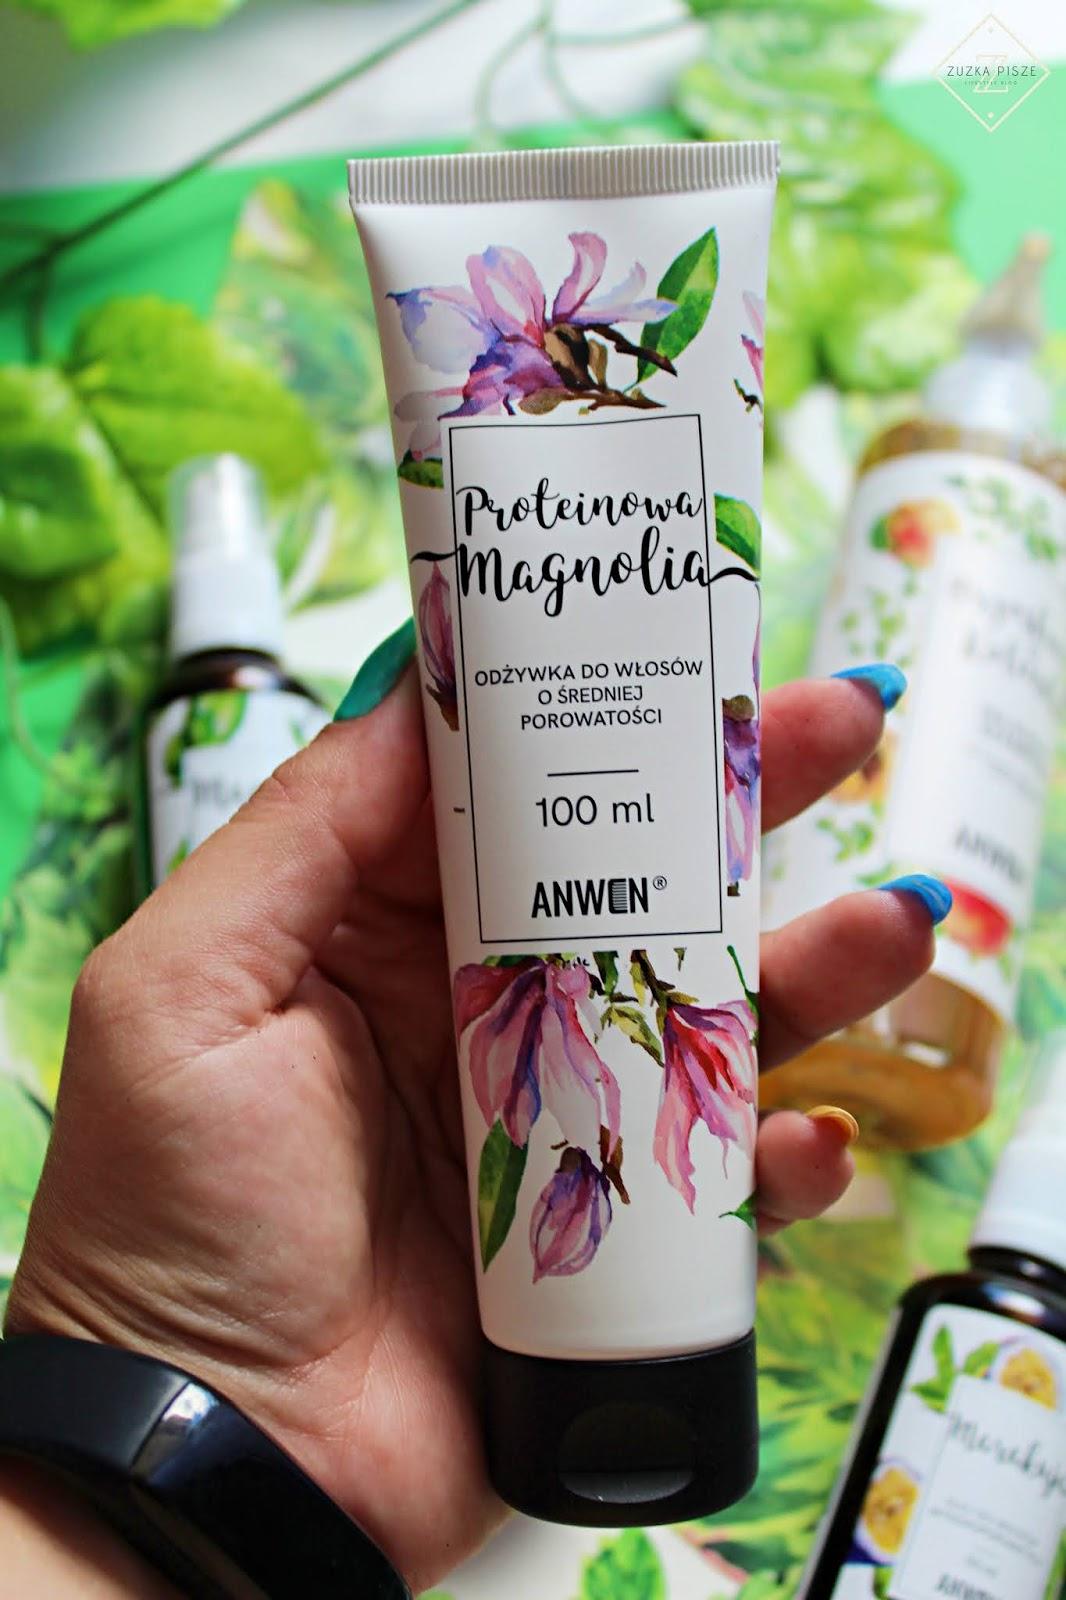 Anwen, odżywka do włosów o średniej porowatości, Proteinowa Magnolia